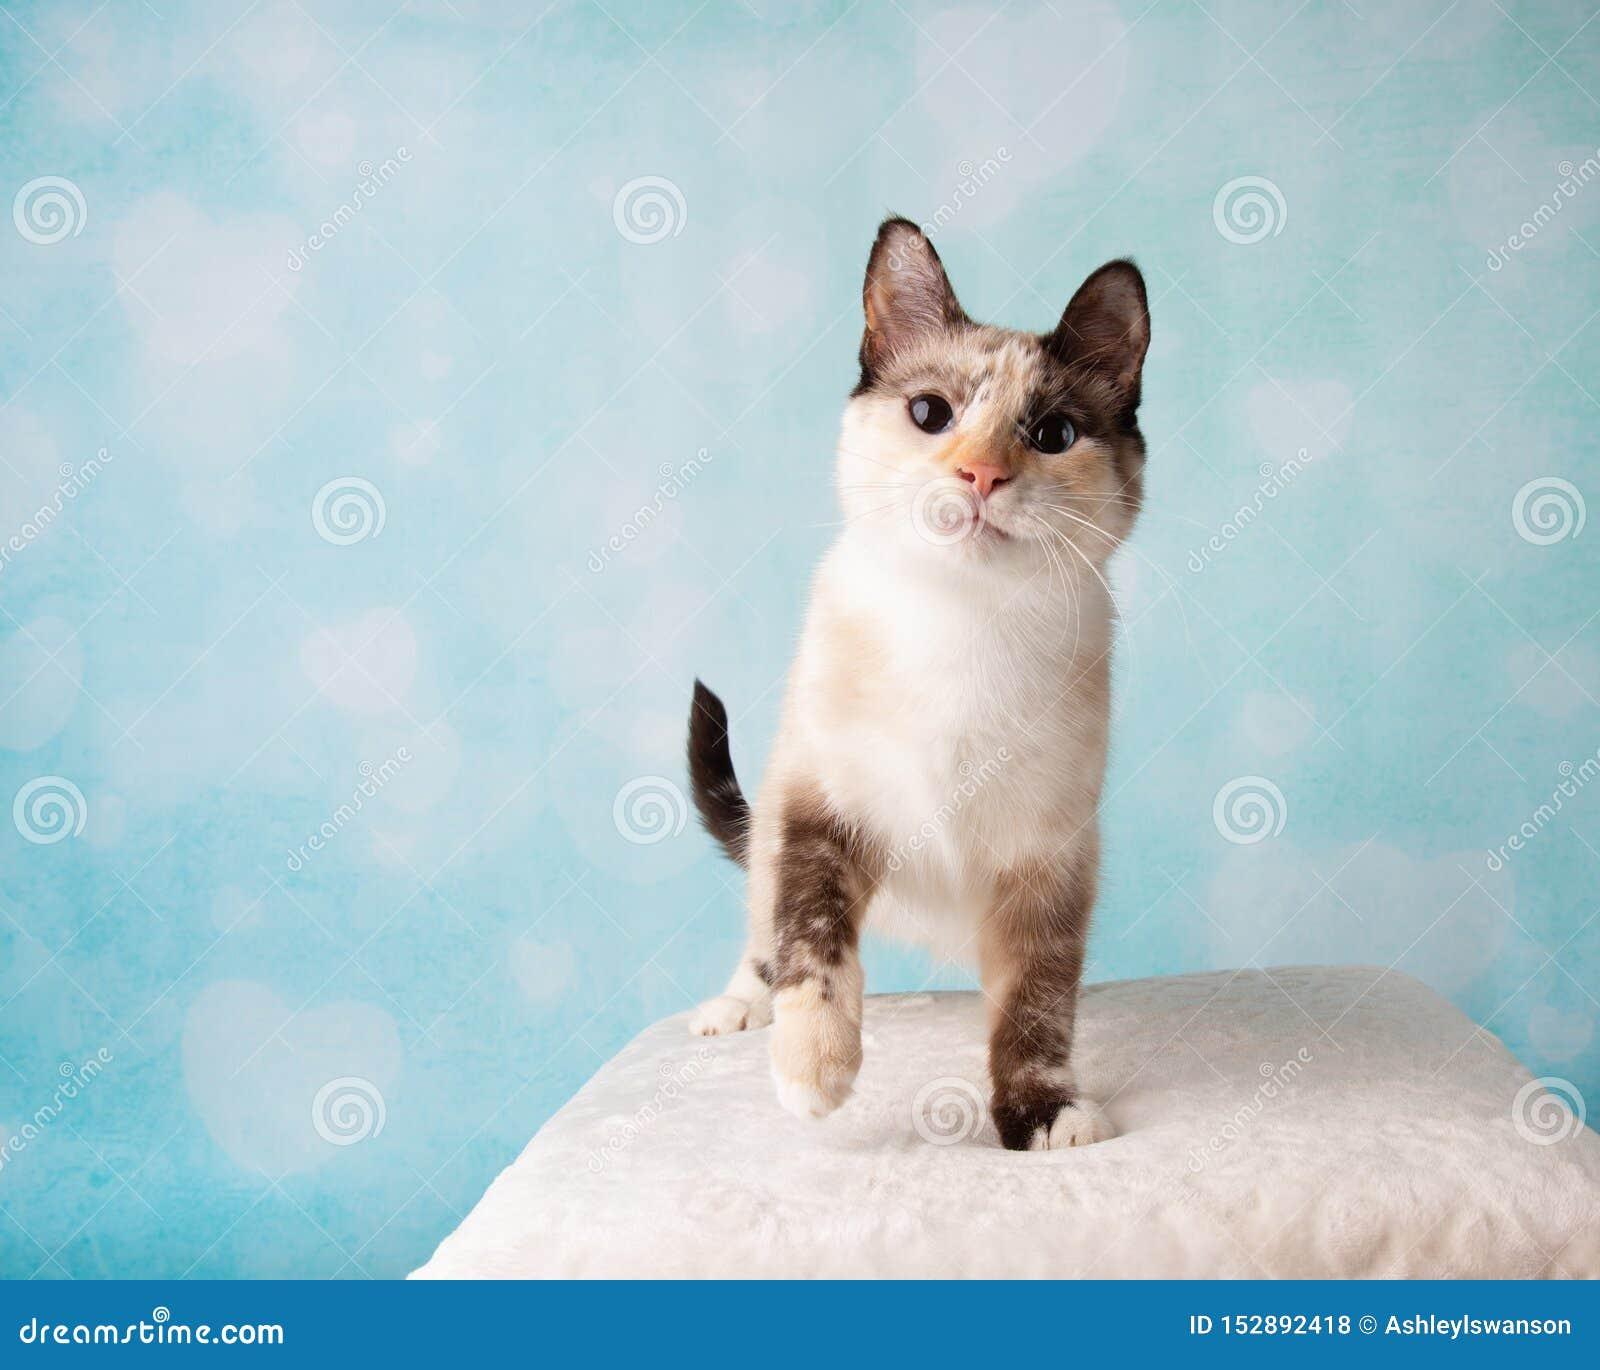 Siamese Mix Cat in Studio Portrait